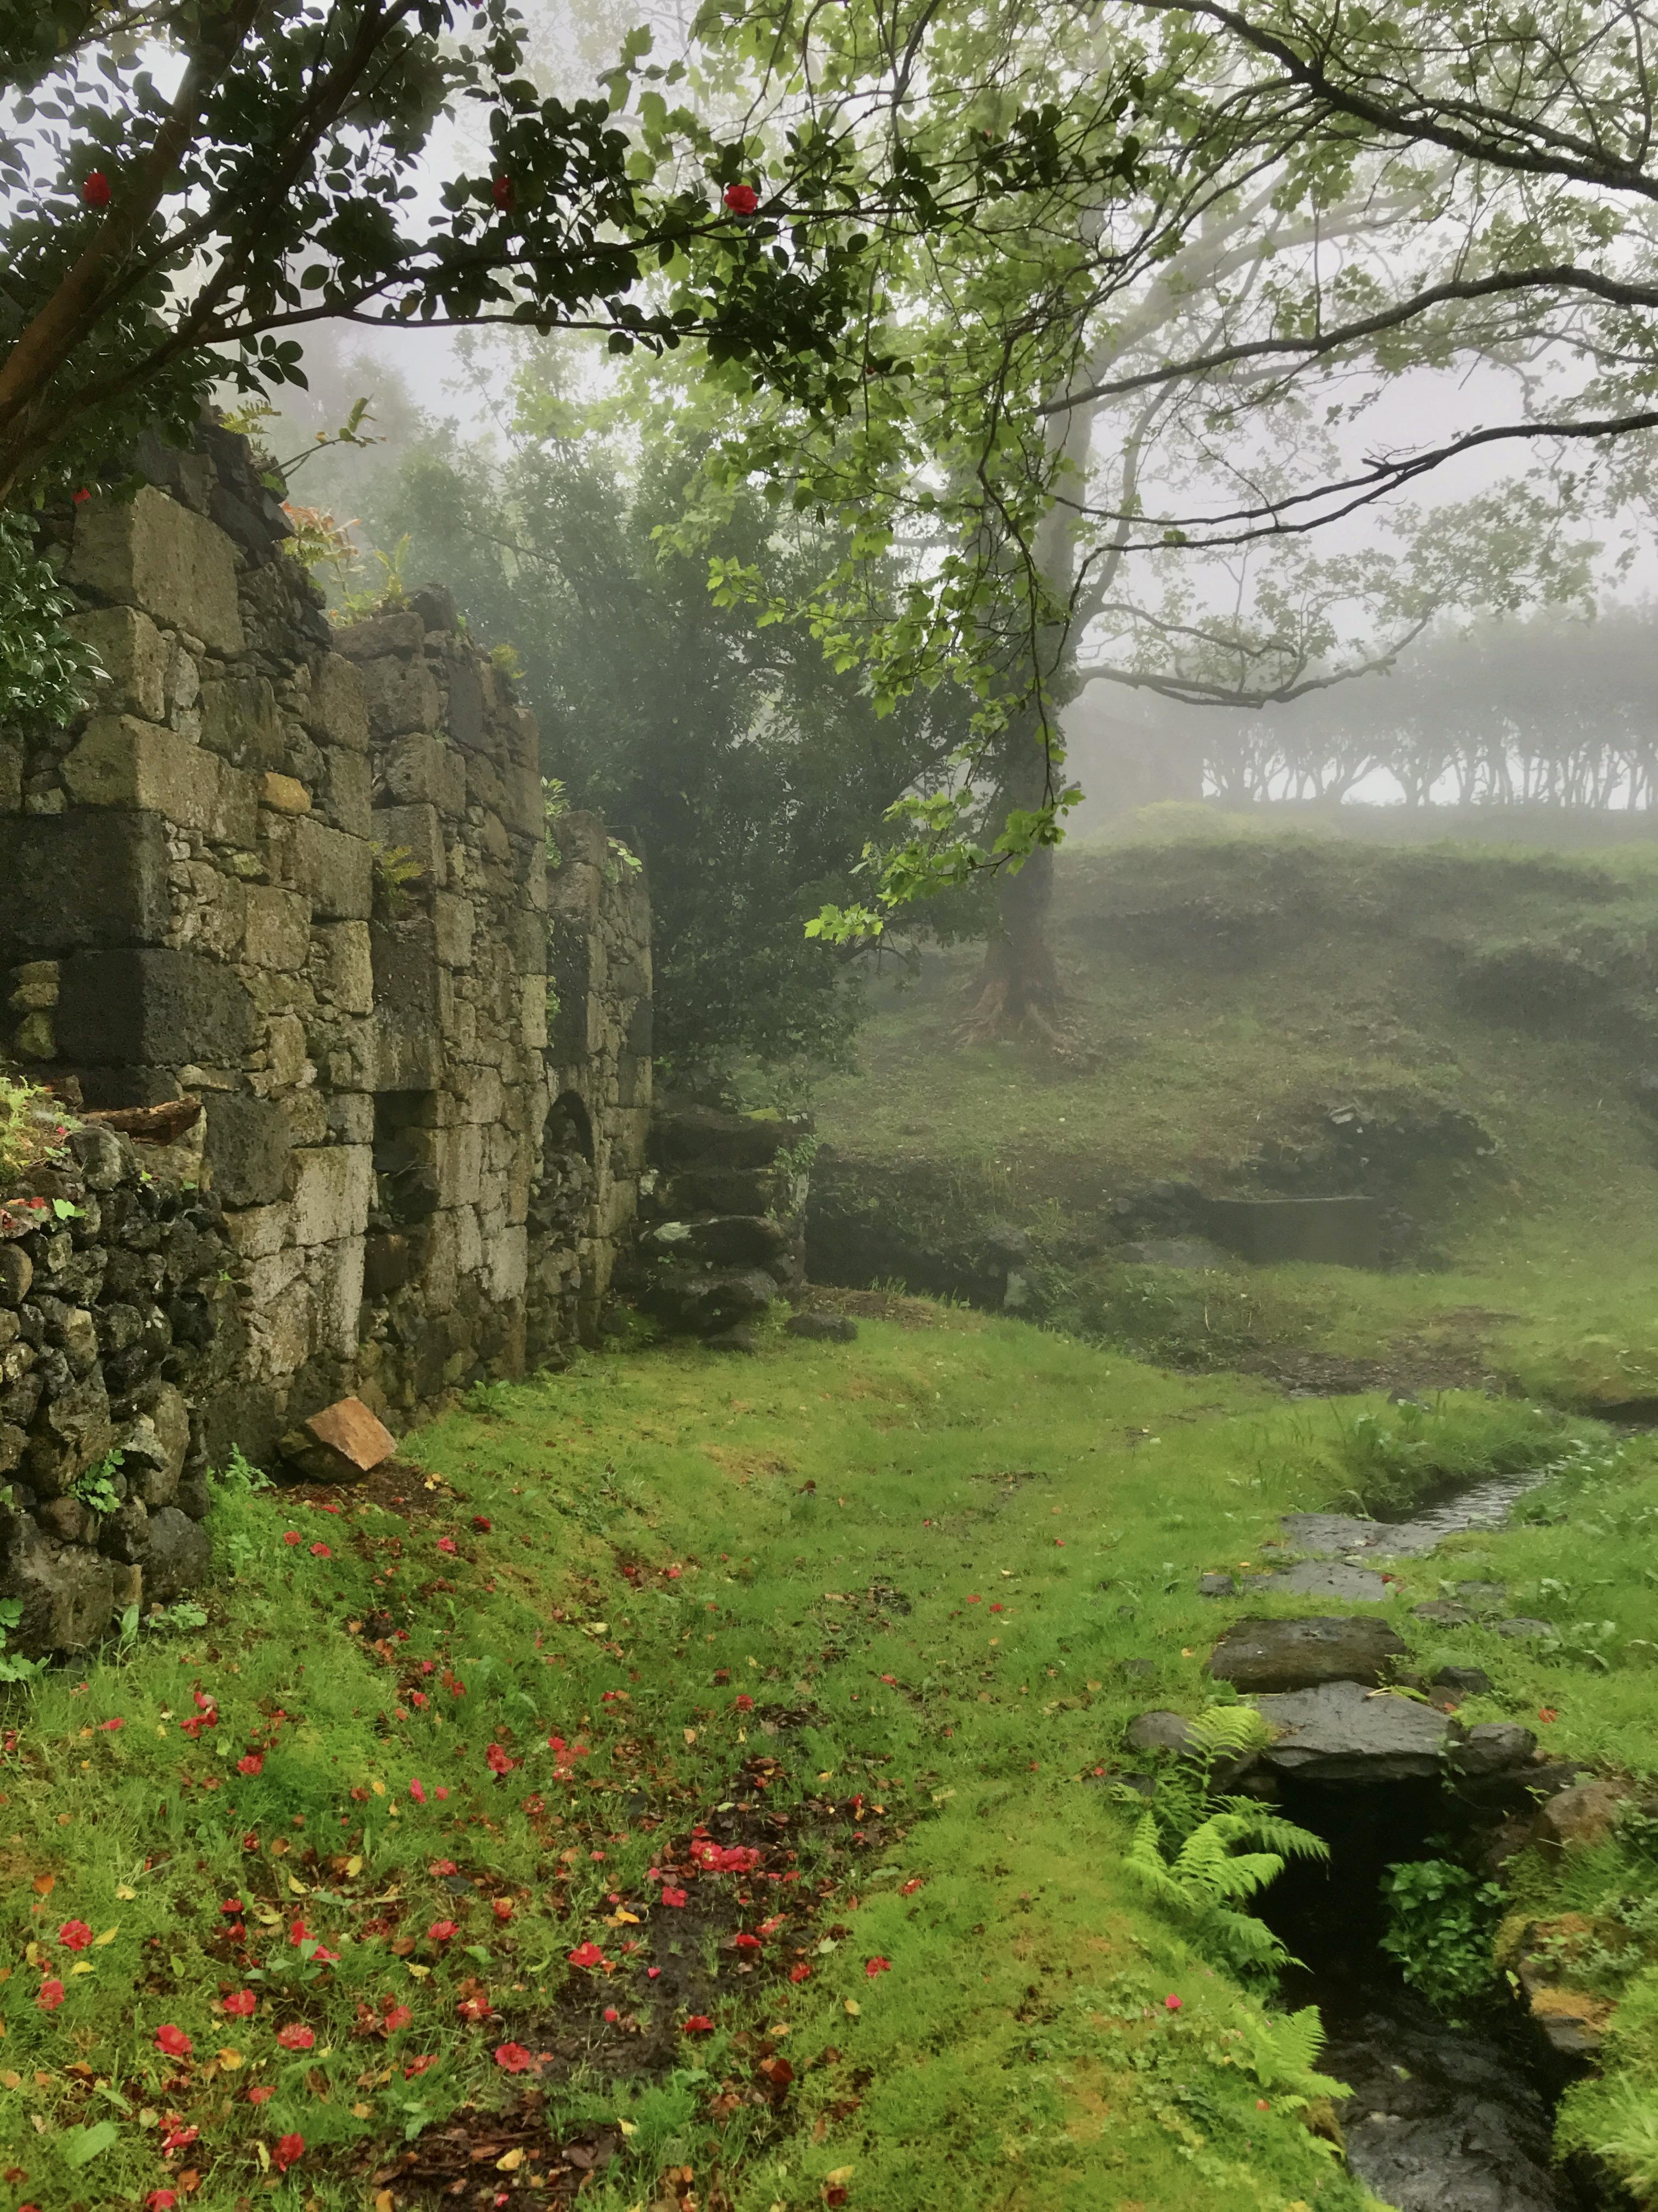 Casa da Gueixa under mist